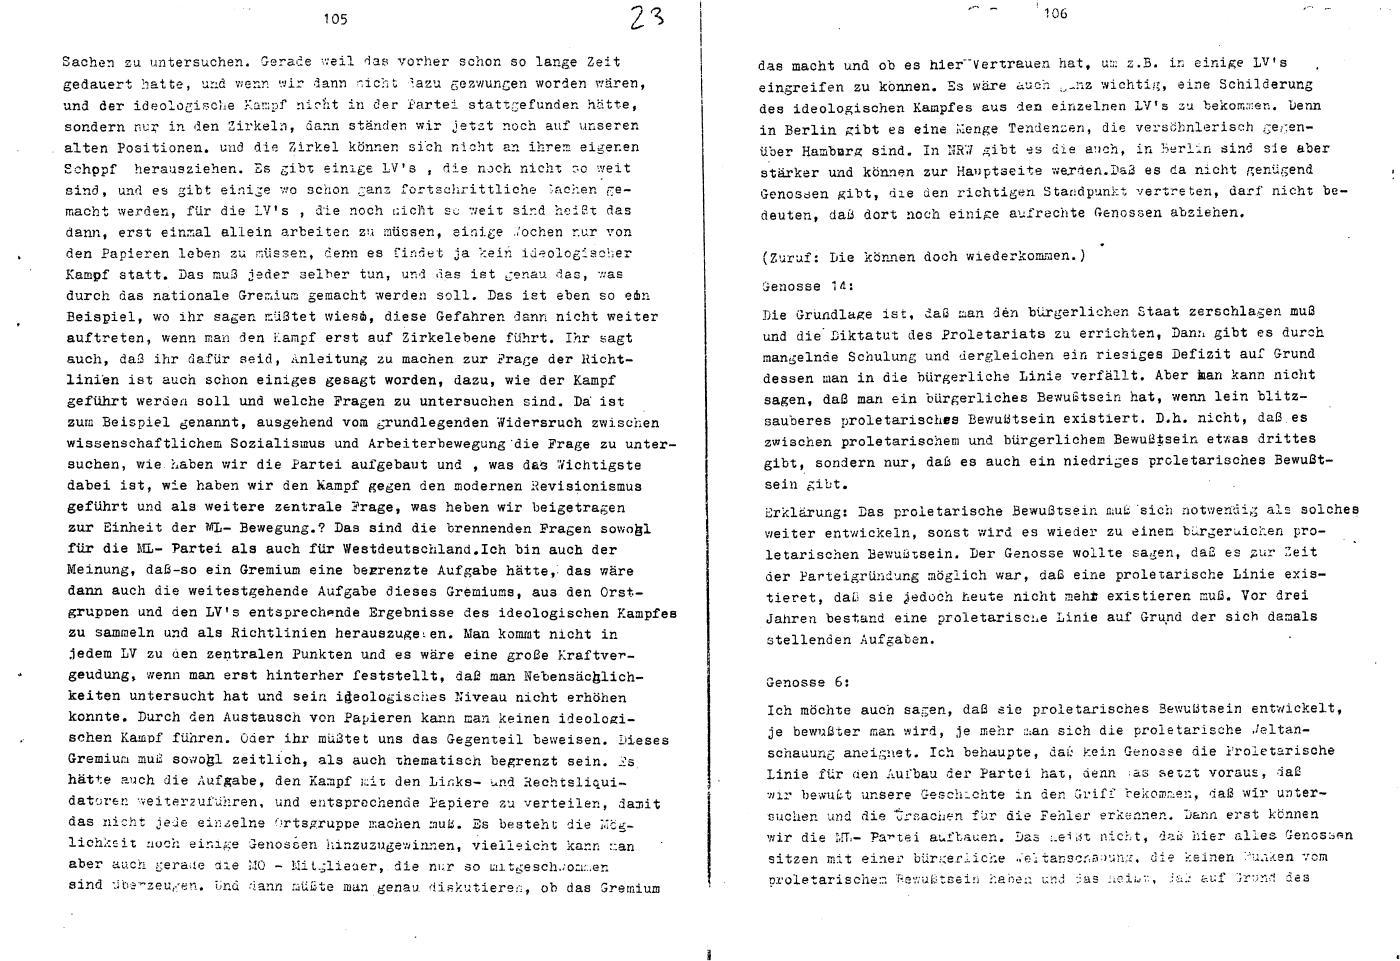 KPDML_1971_Wortprotokolle_aoPt_042